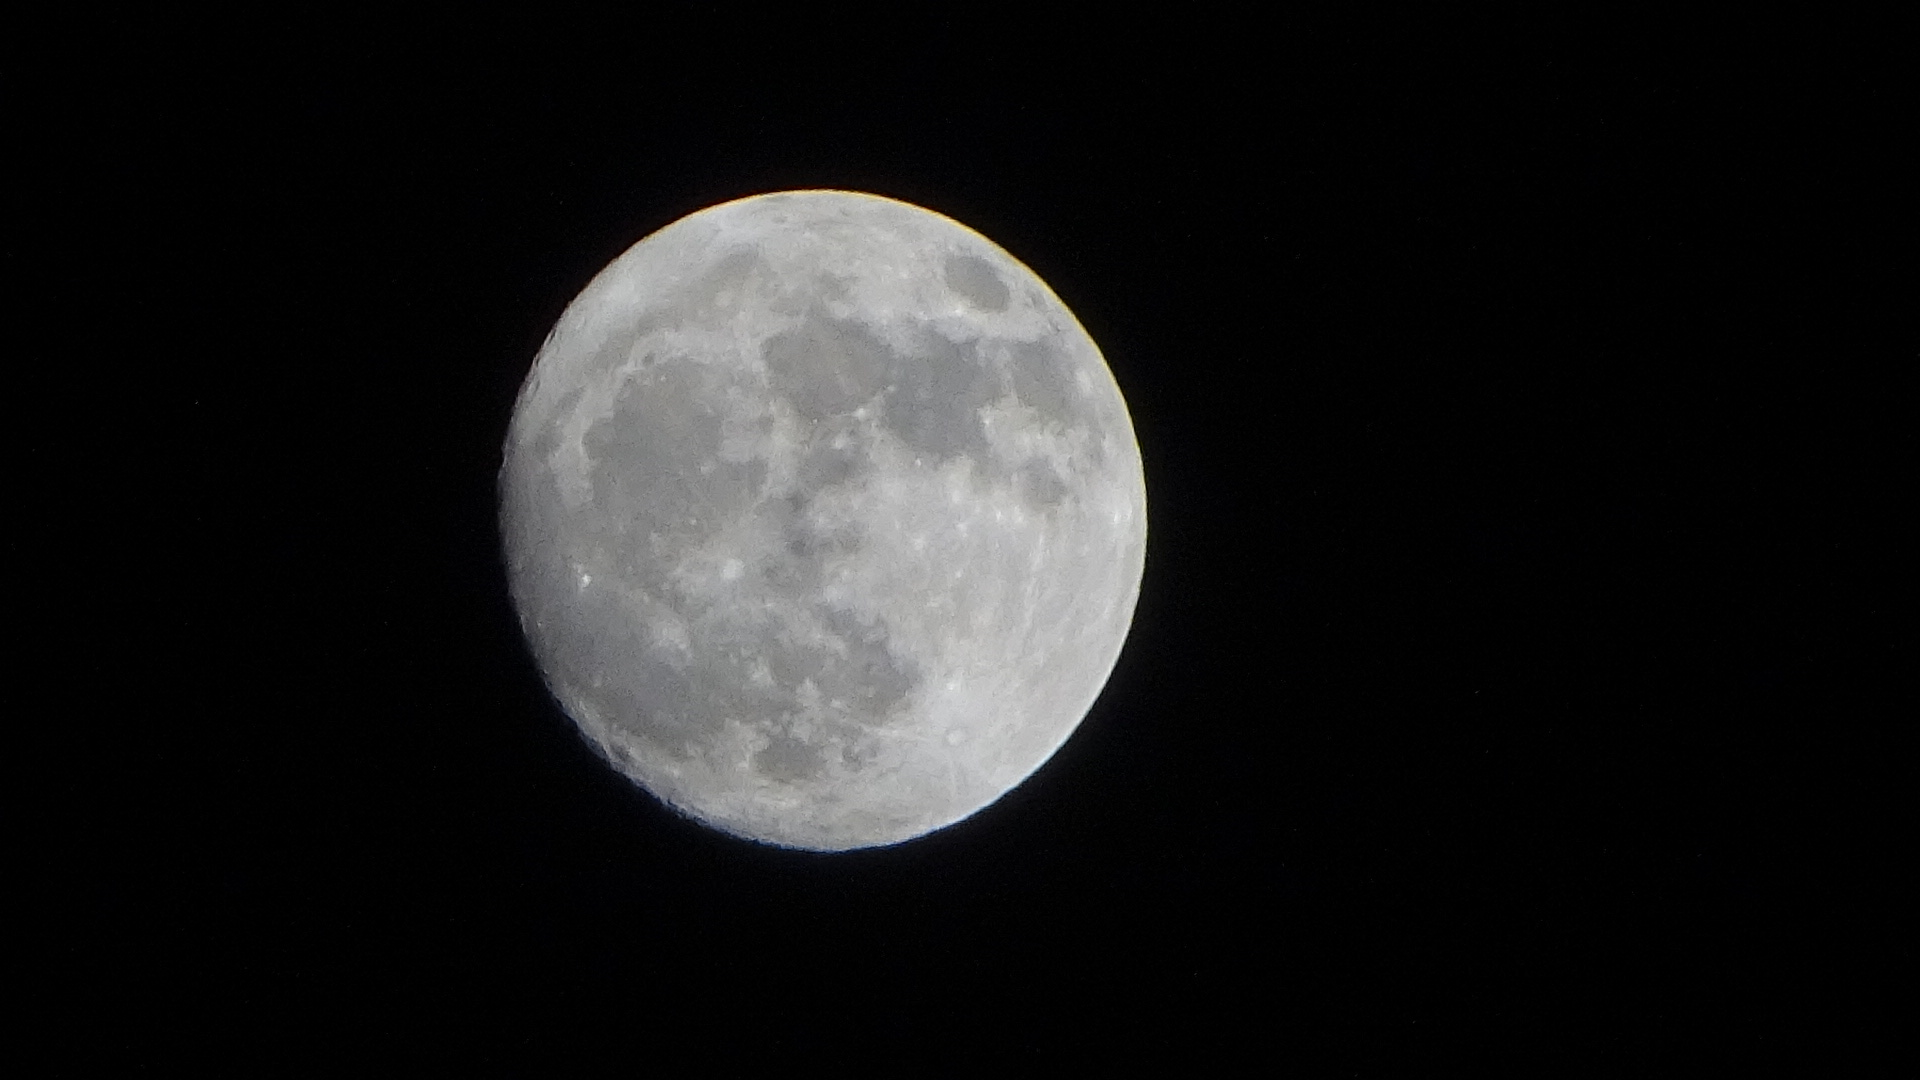 もうすぐ満月に近い天空に輝く月【今日の月】